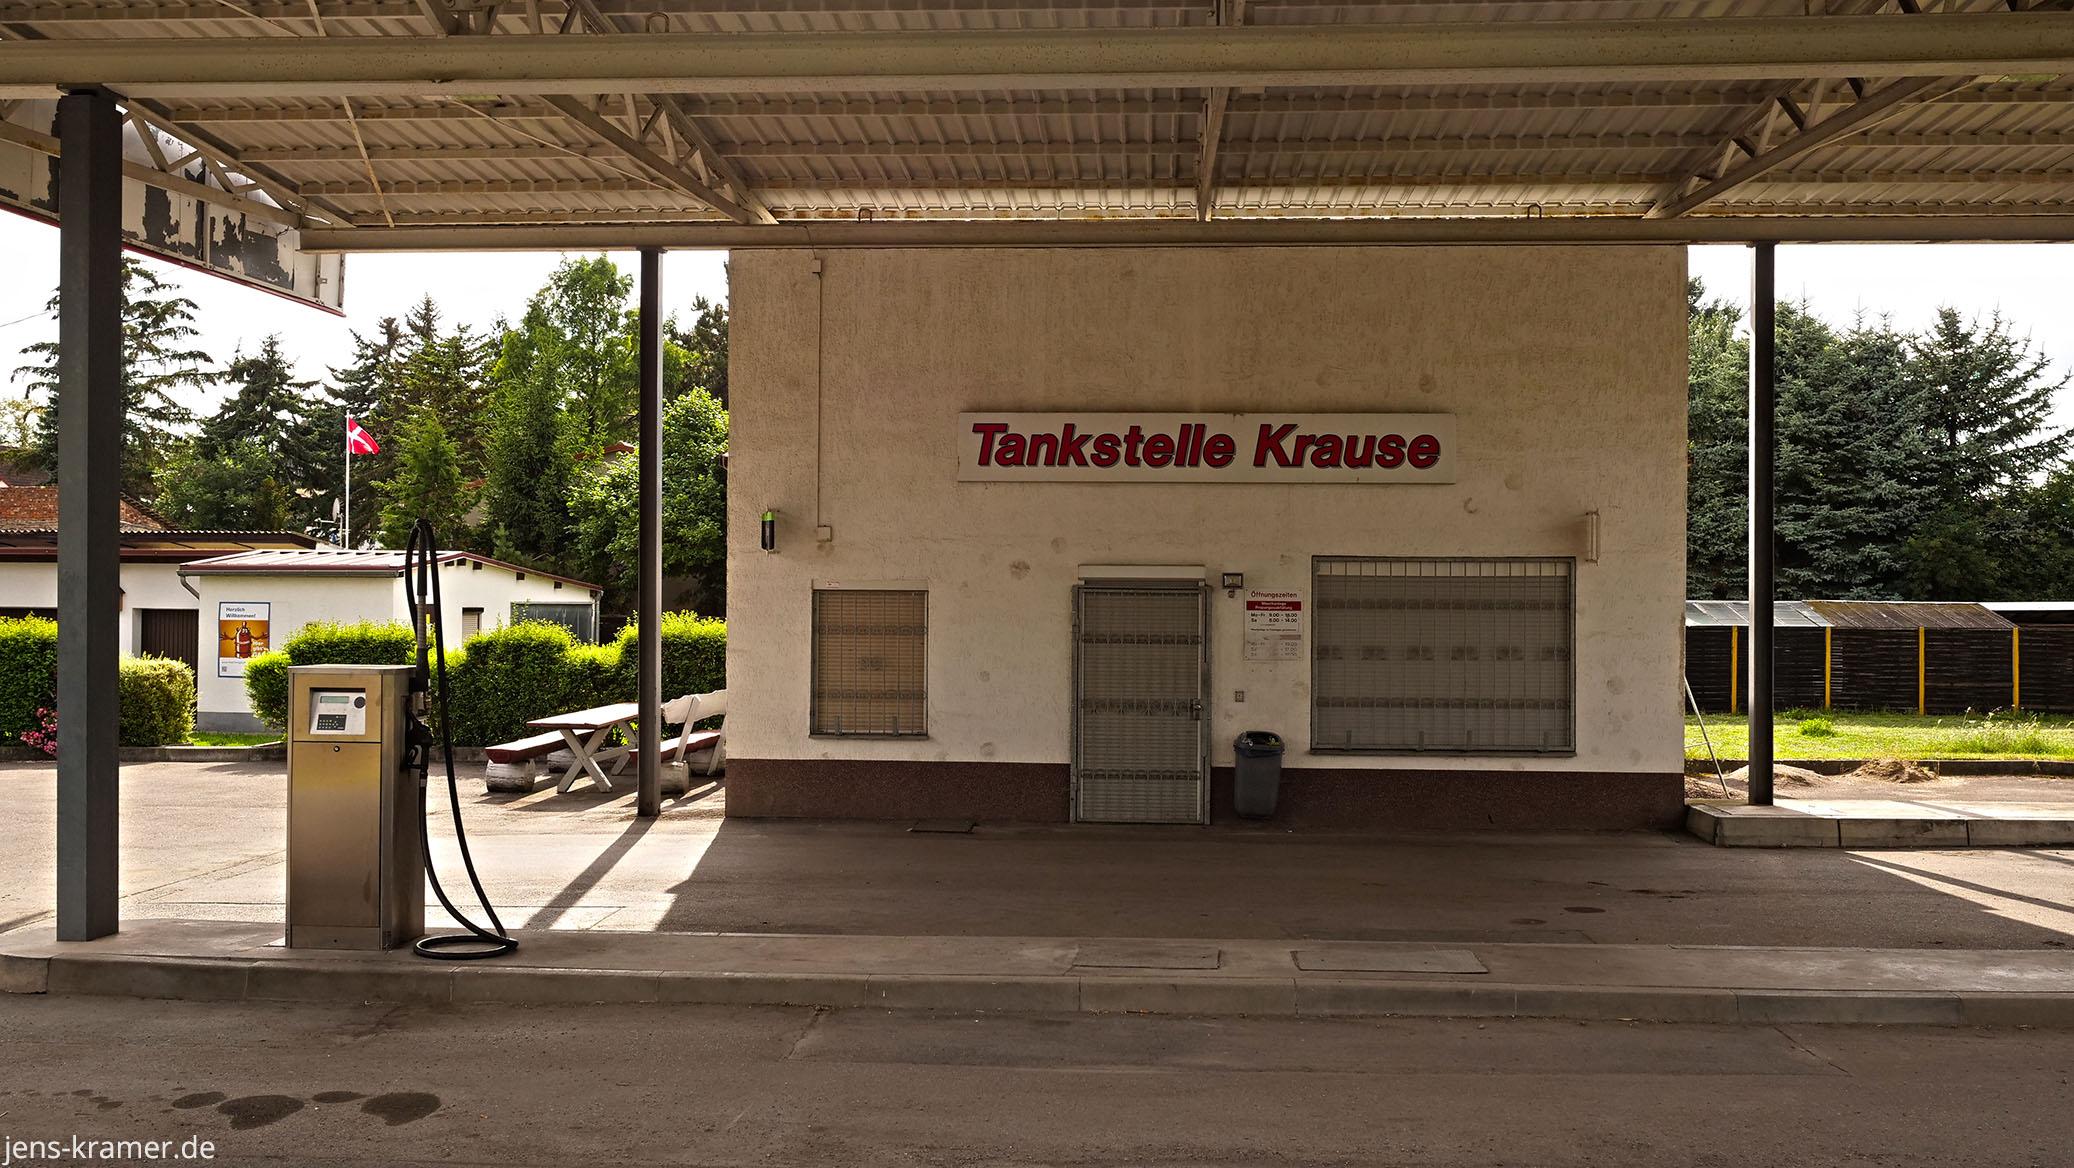 Tankstelle in der Kleinstadt